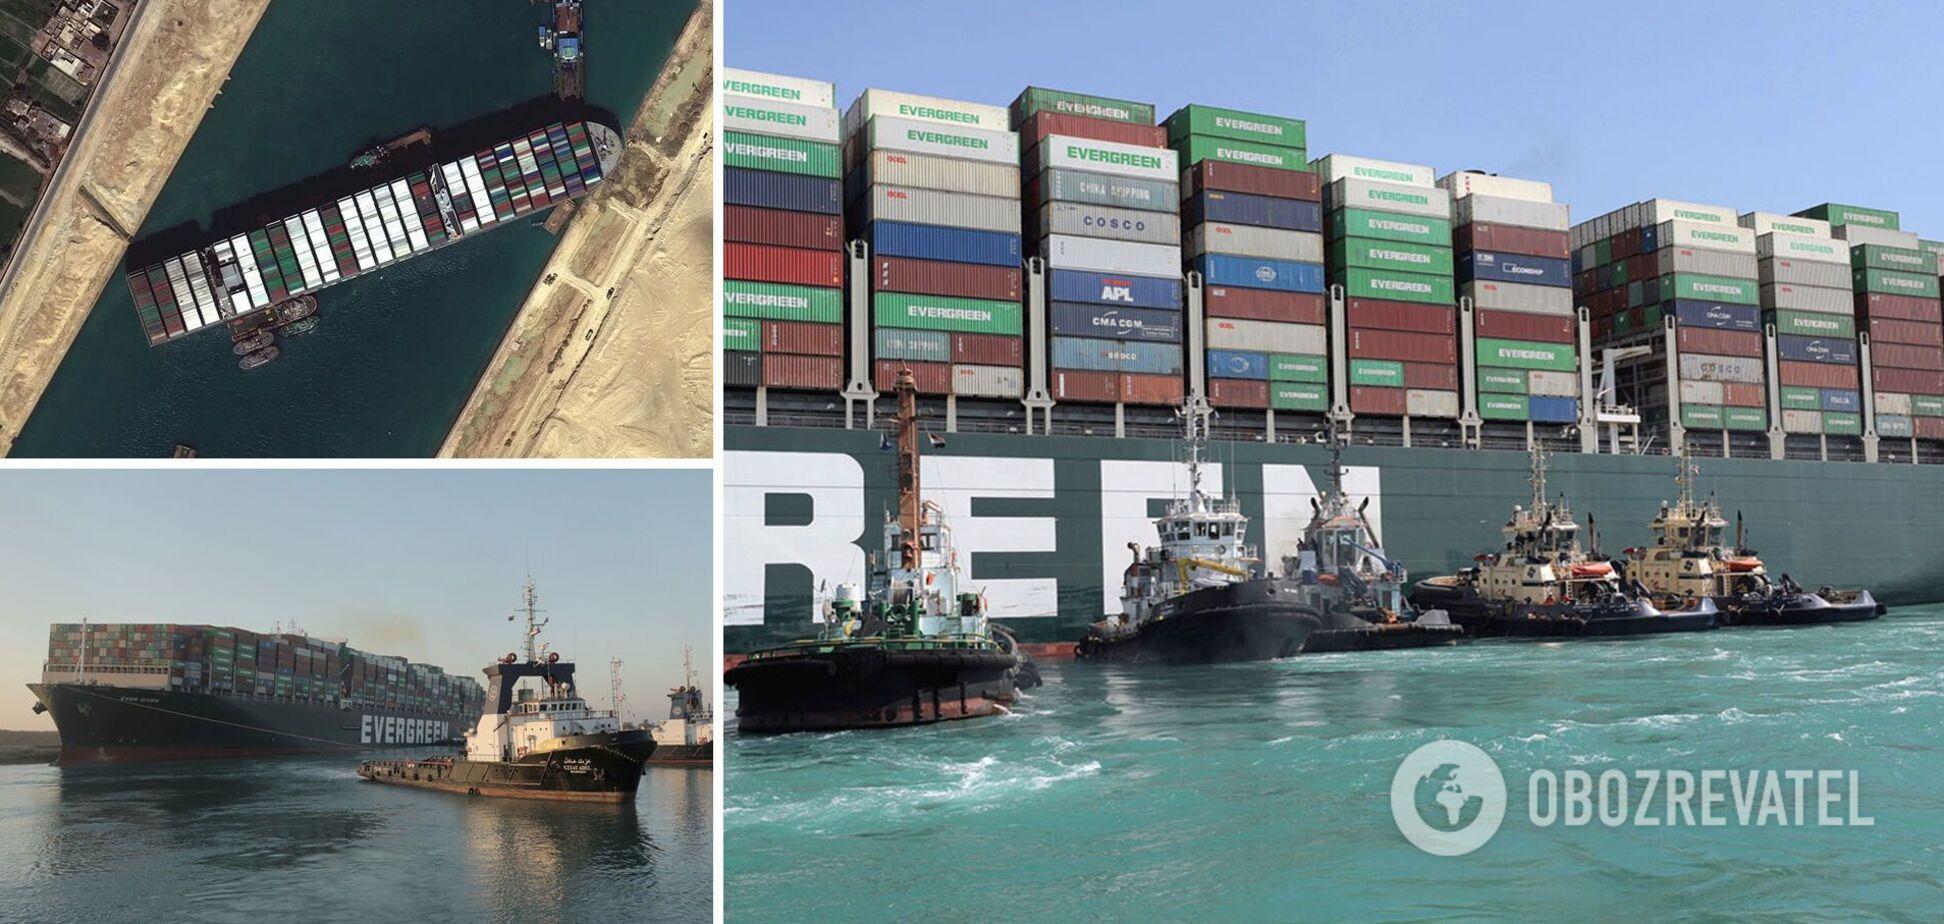 У Єгипті заарештували судно 'Ever Given': від власника вимагають майже $1 млрд